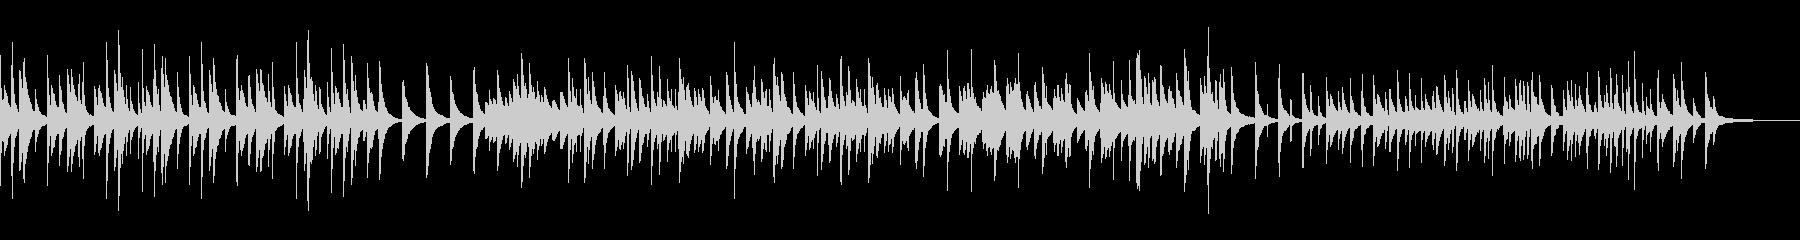 穏やかな寂しさのピアノBGMの未再生の波形